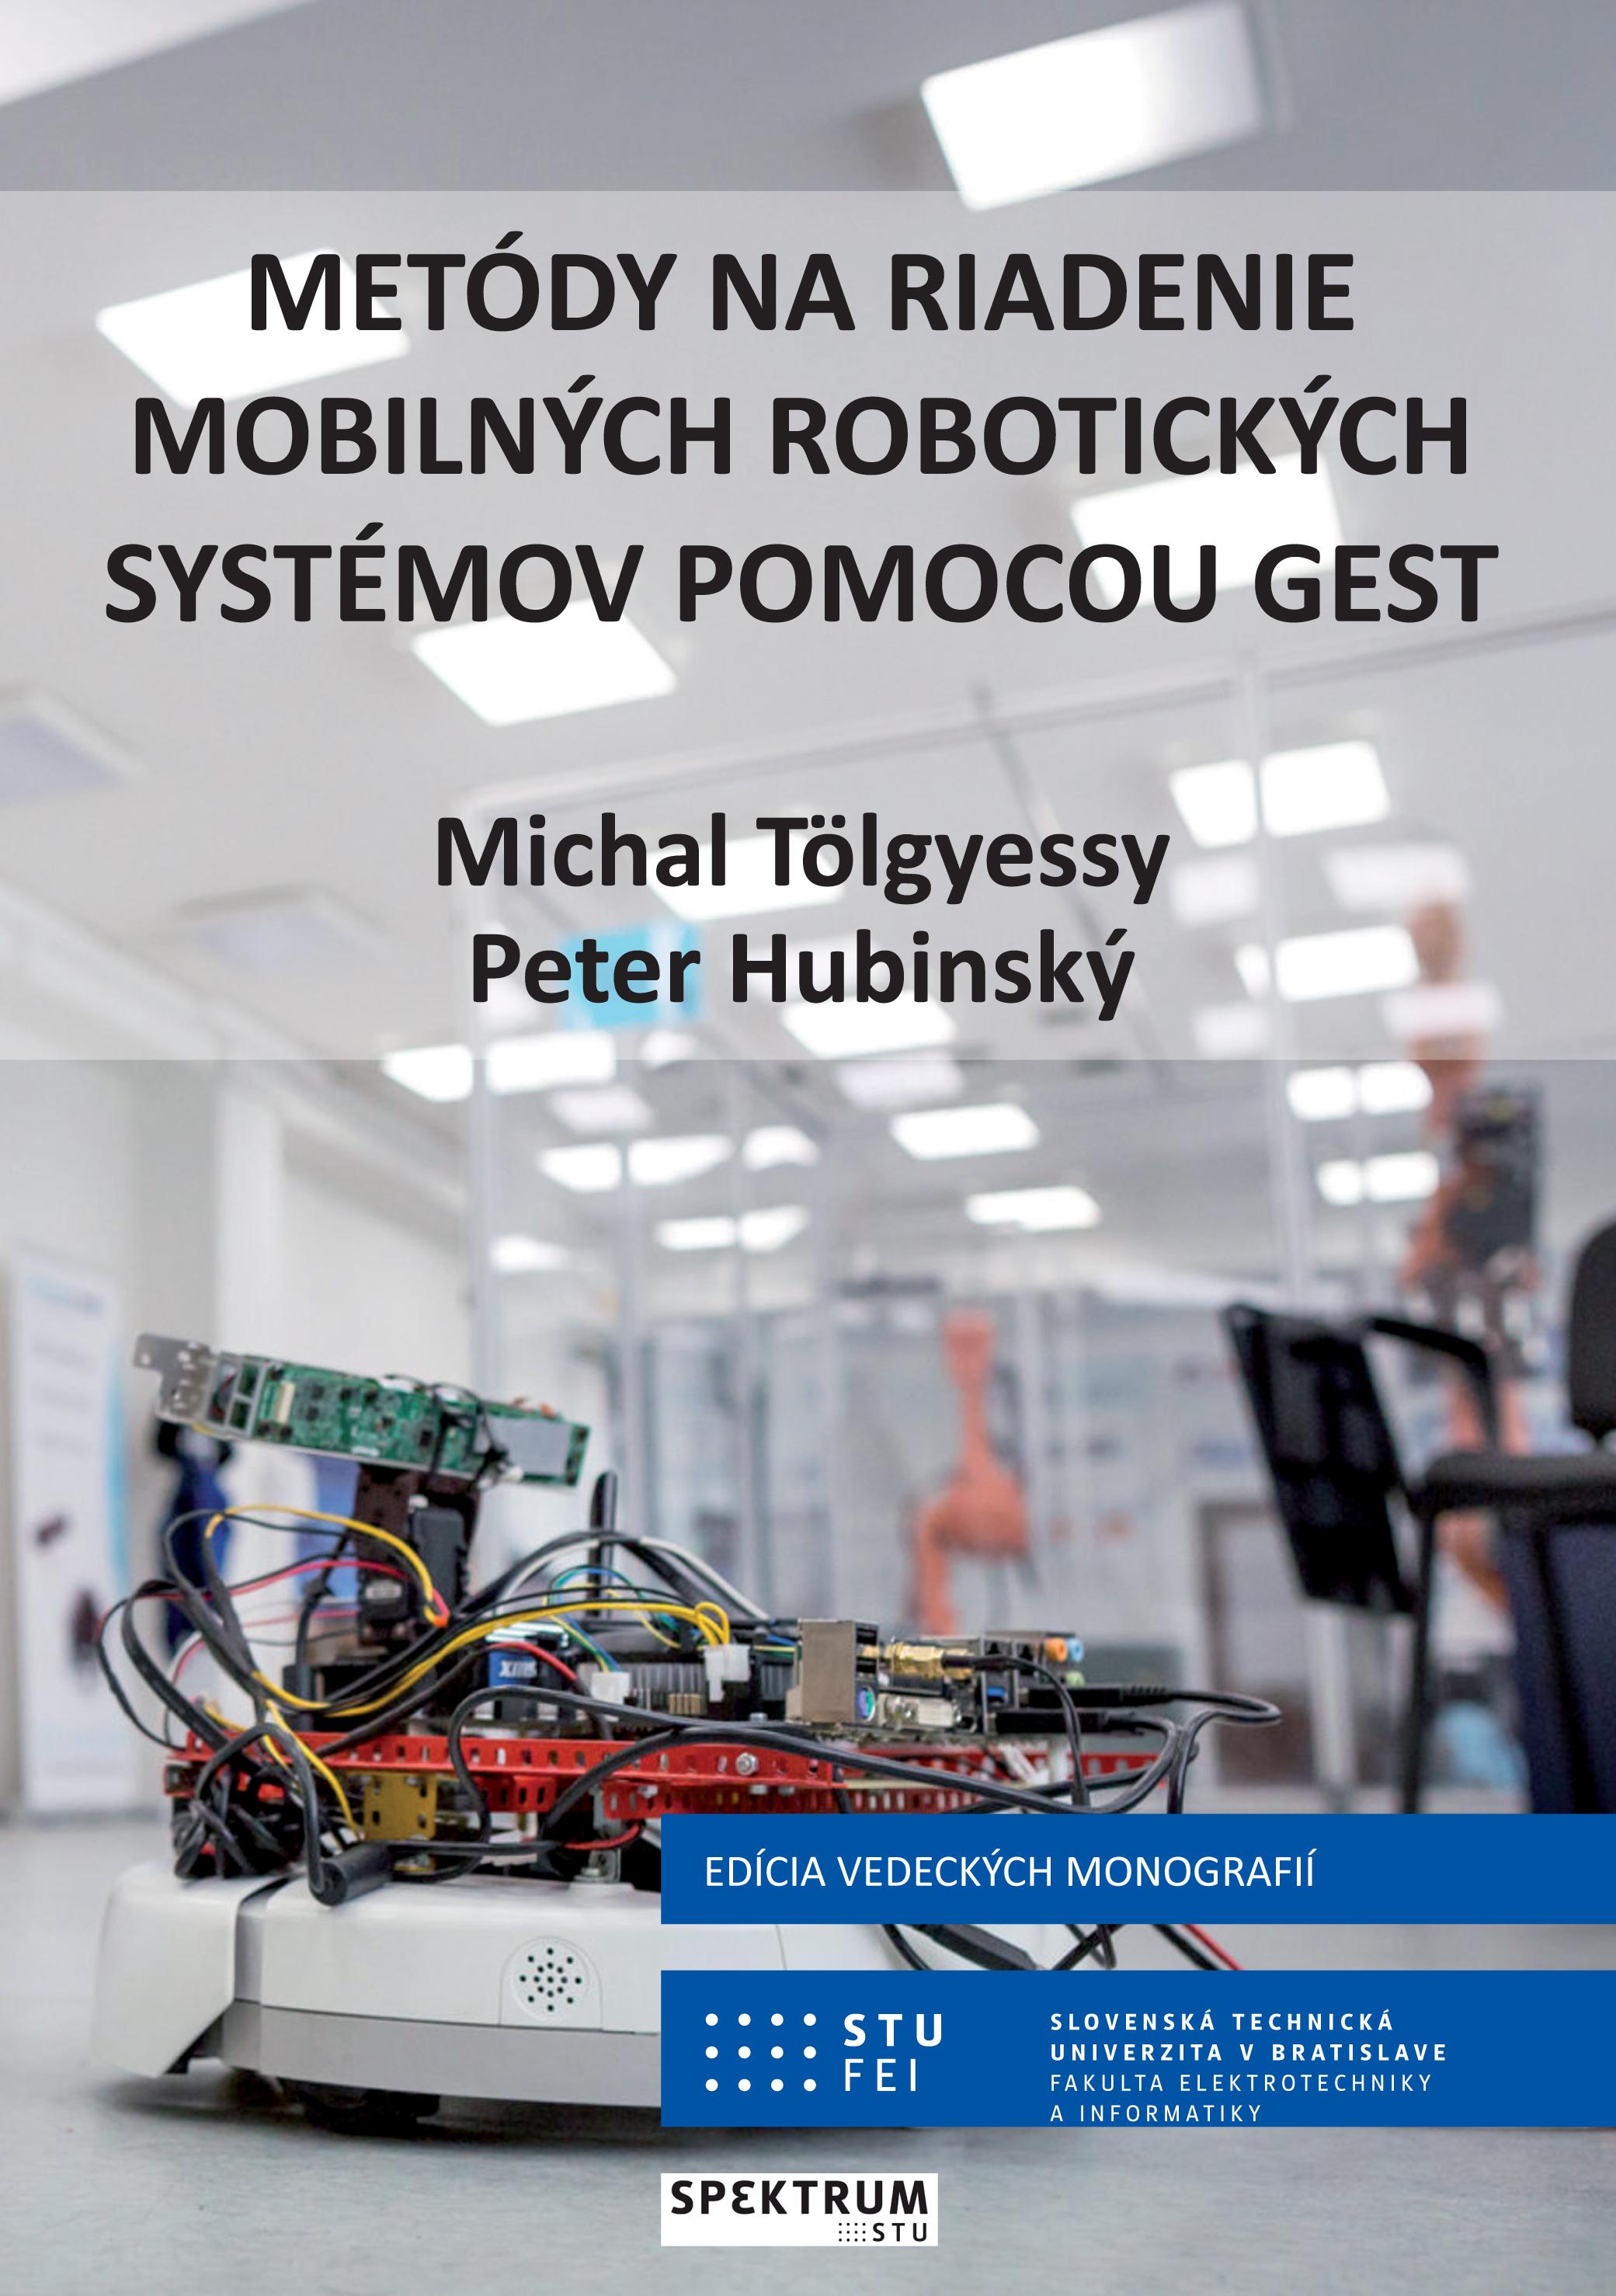 Metódy na riadenie mobilných robotických systémov pomocou gest